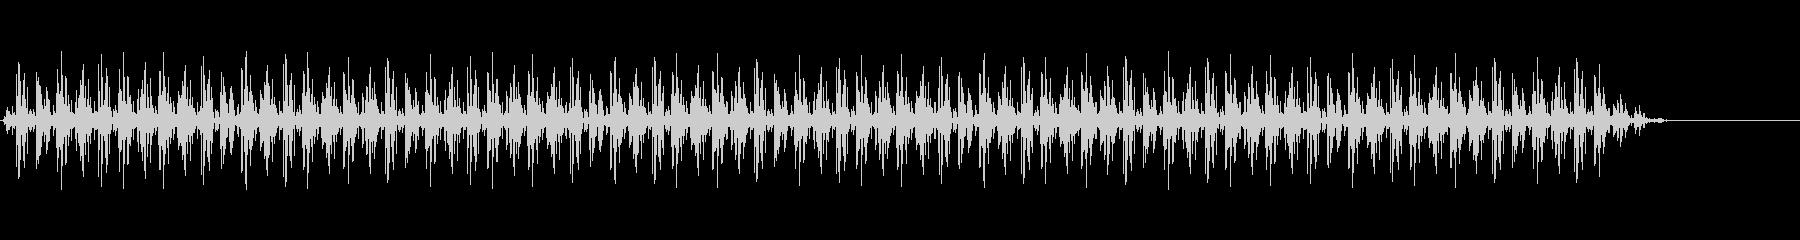 馬-ギャロップ7の未再生の波形